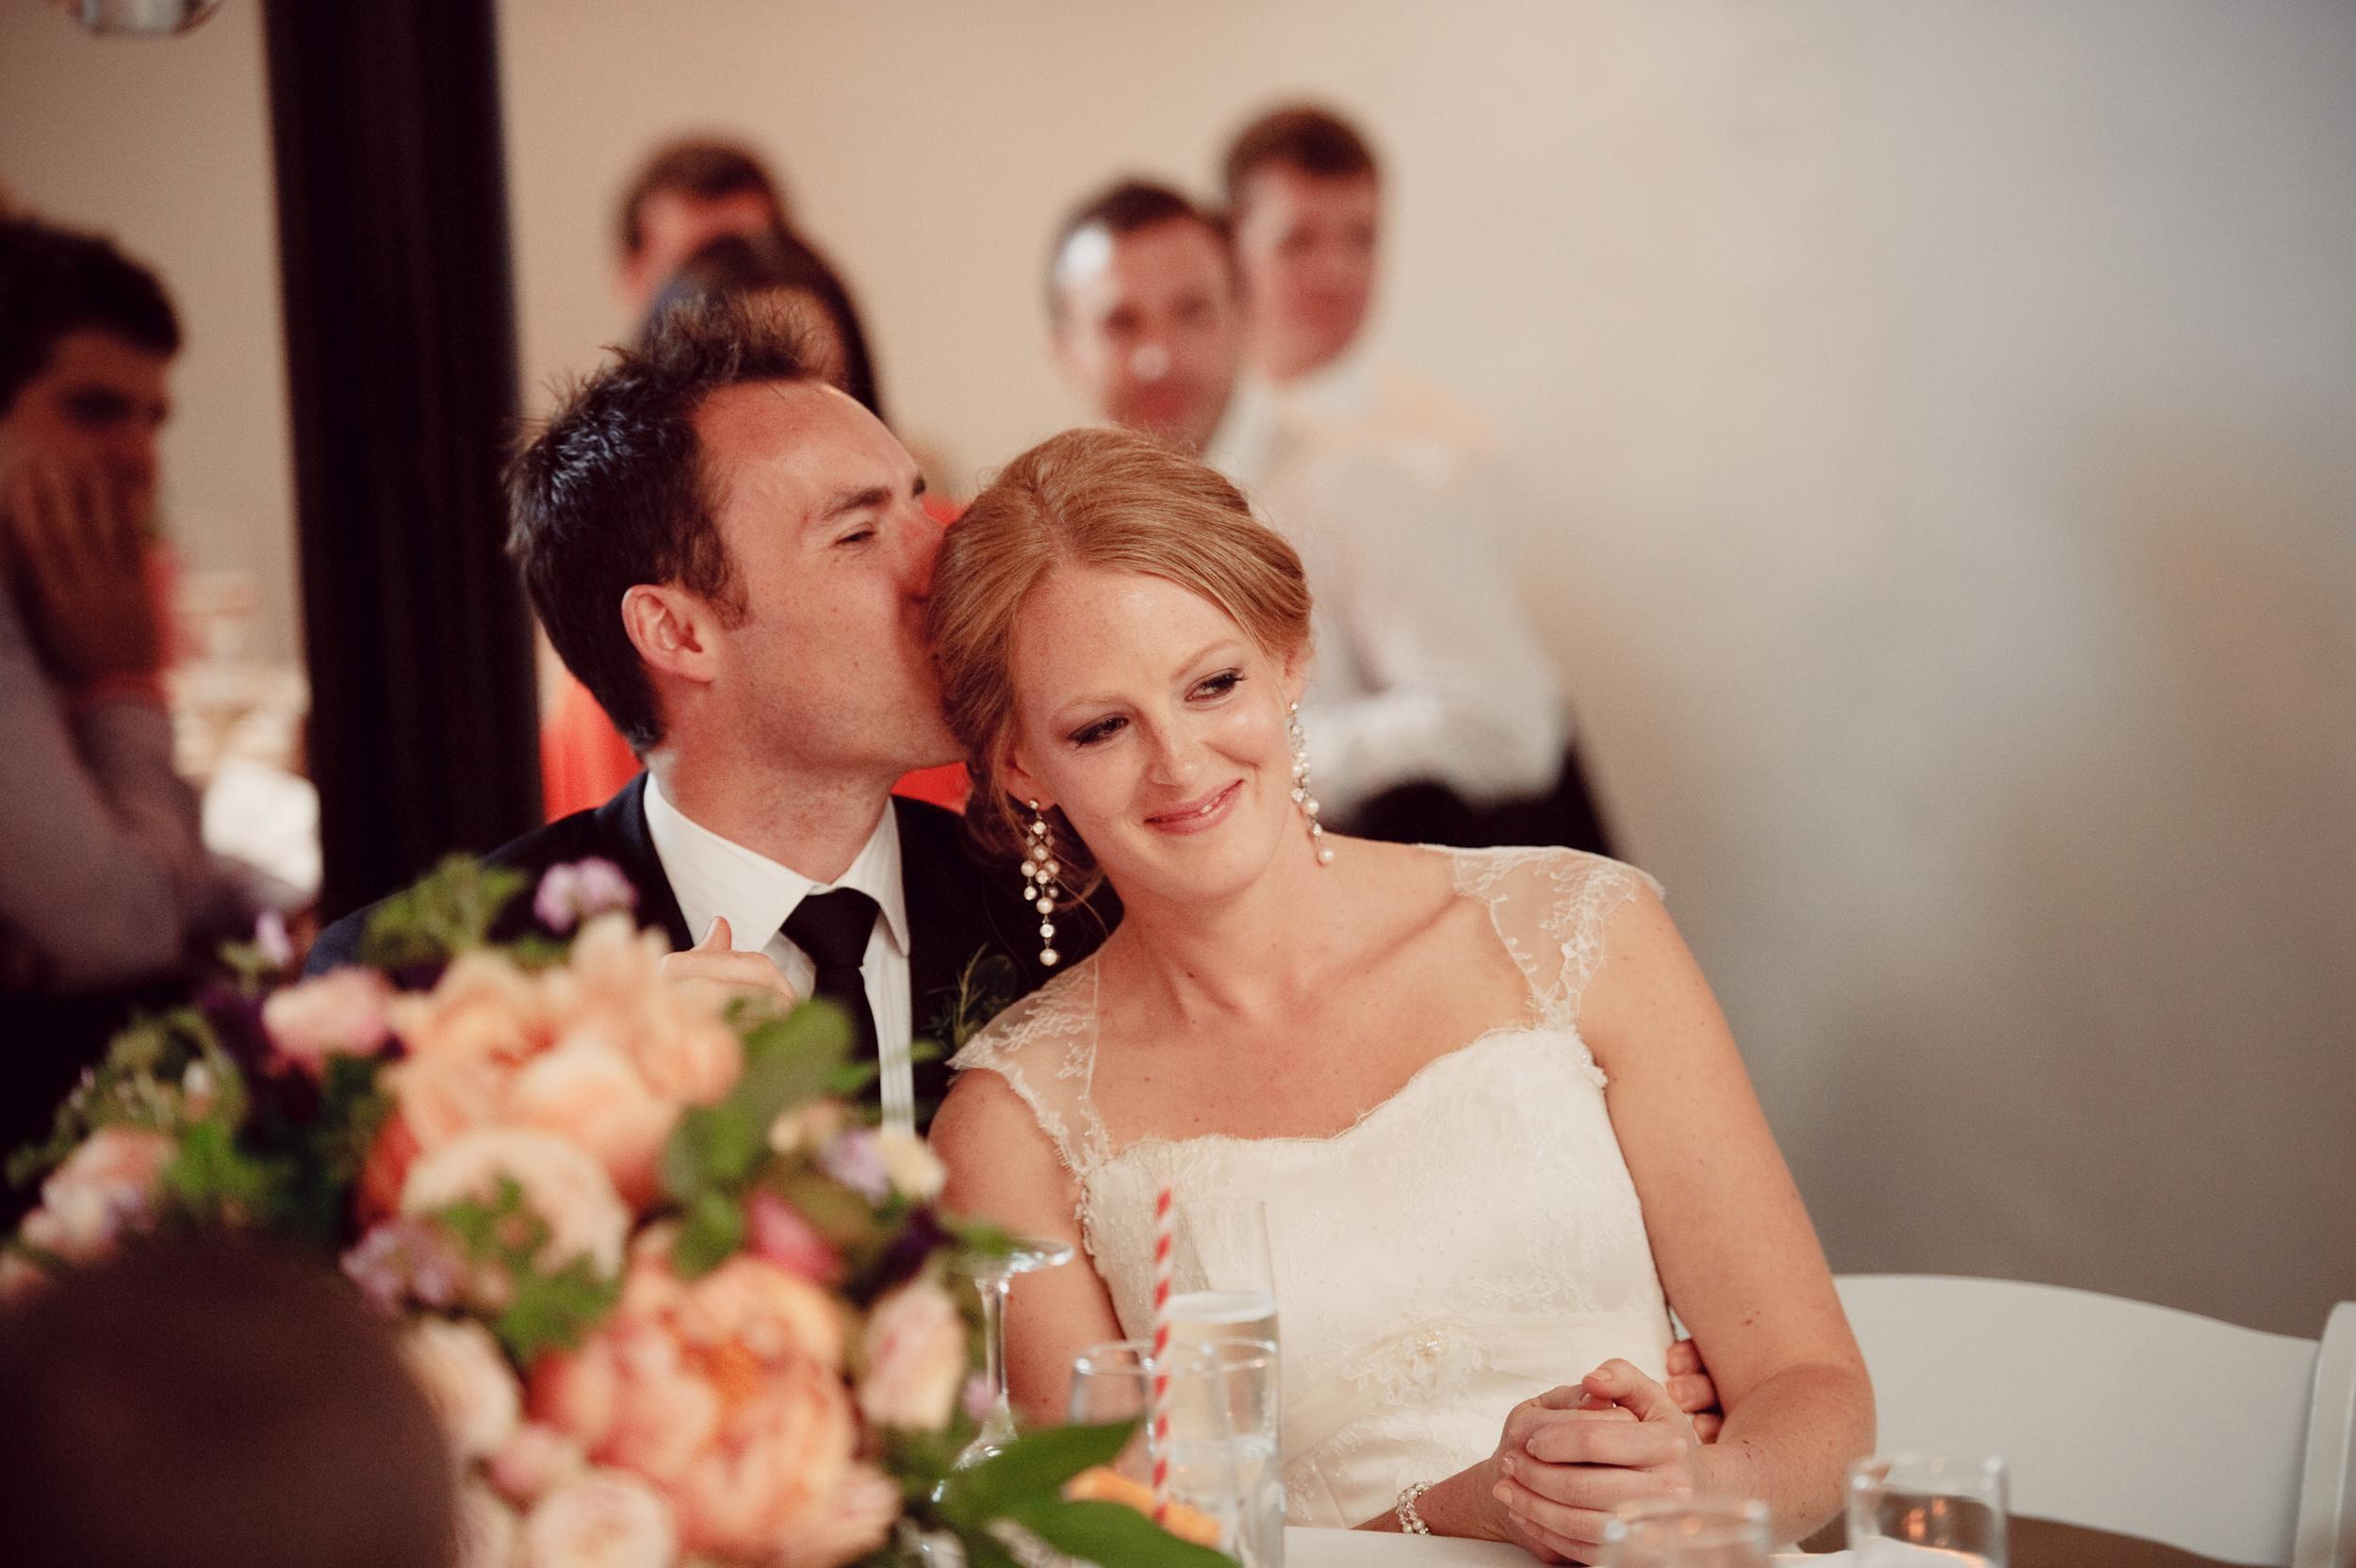 euroa_butter_factory_wedding_photography_90.jpg